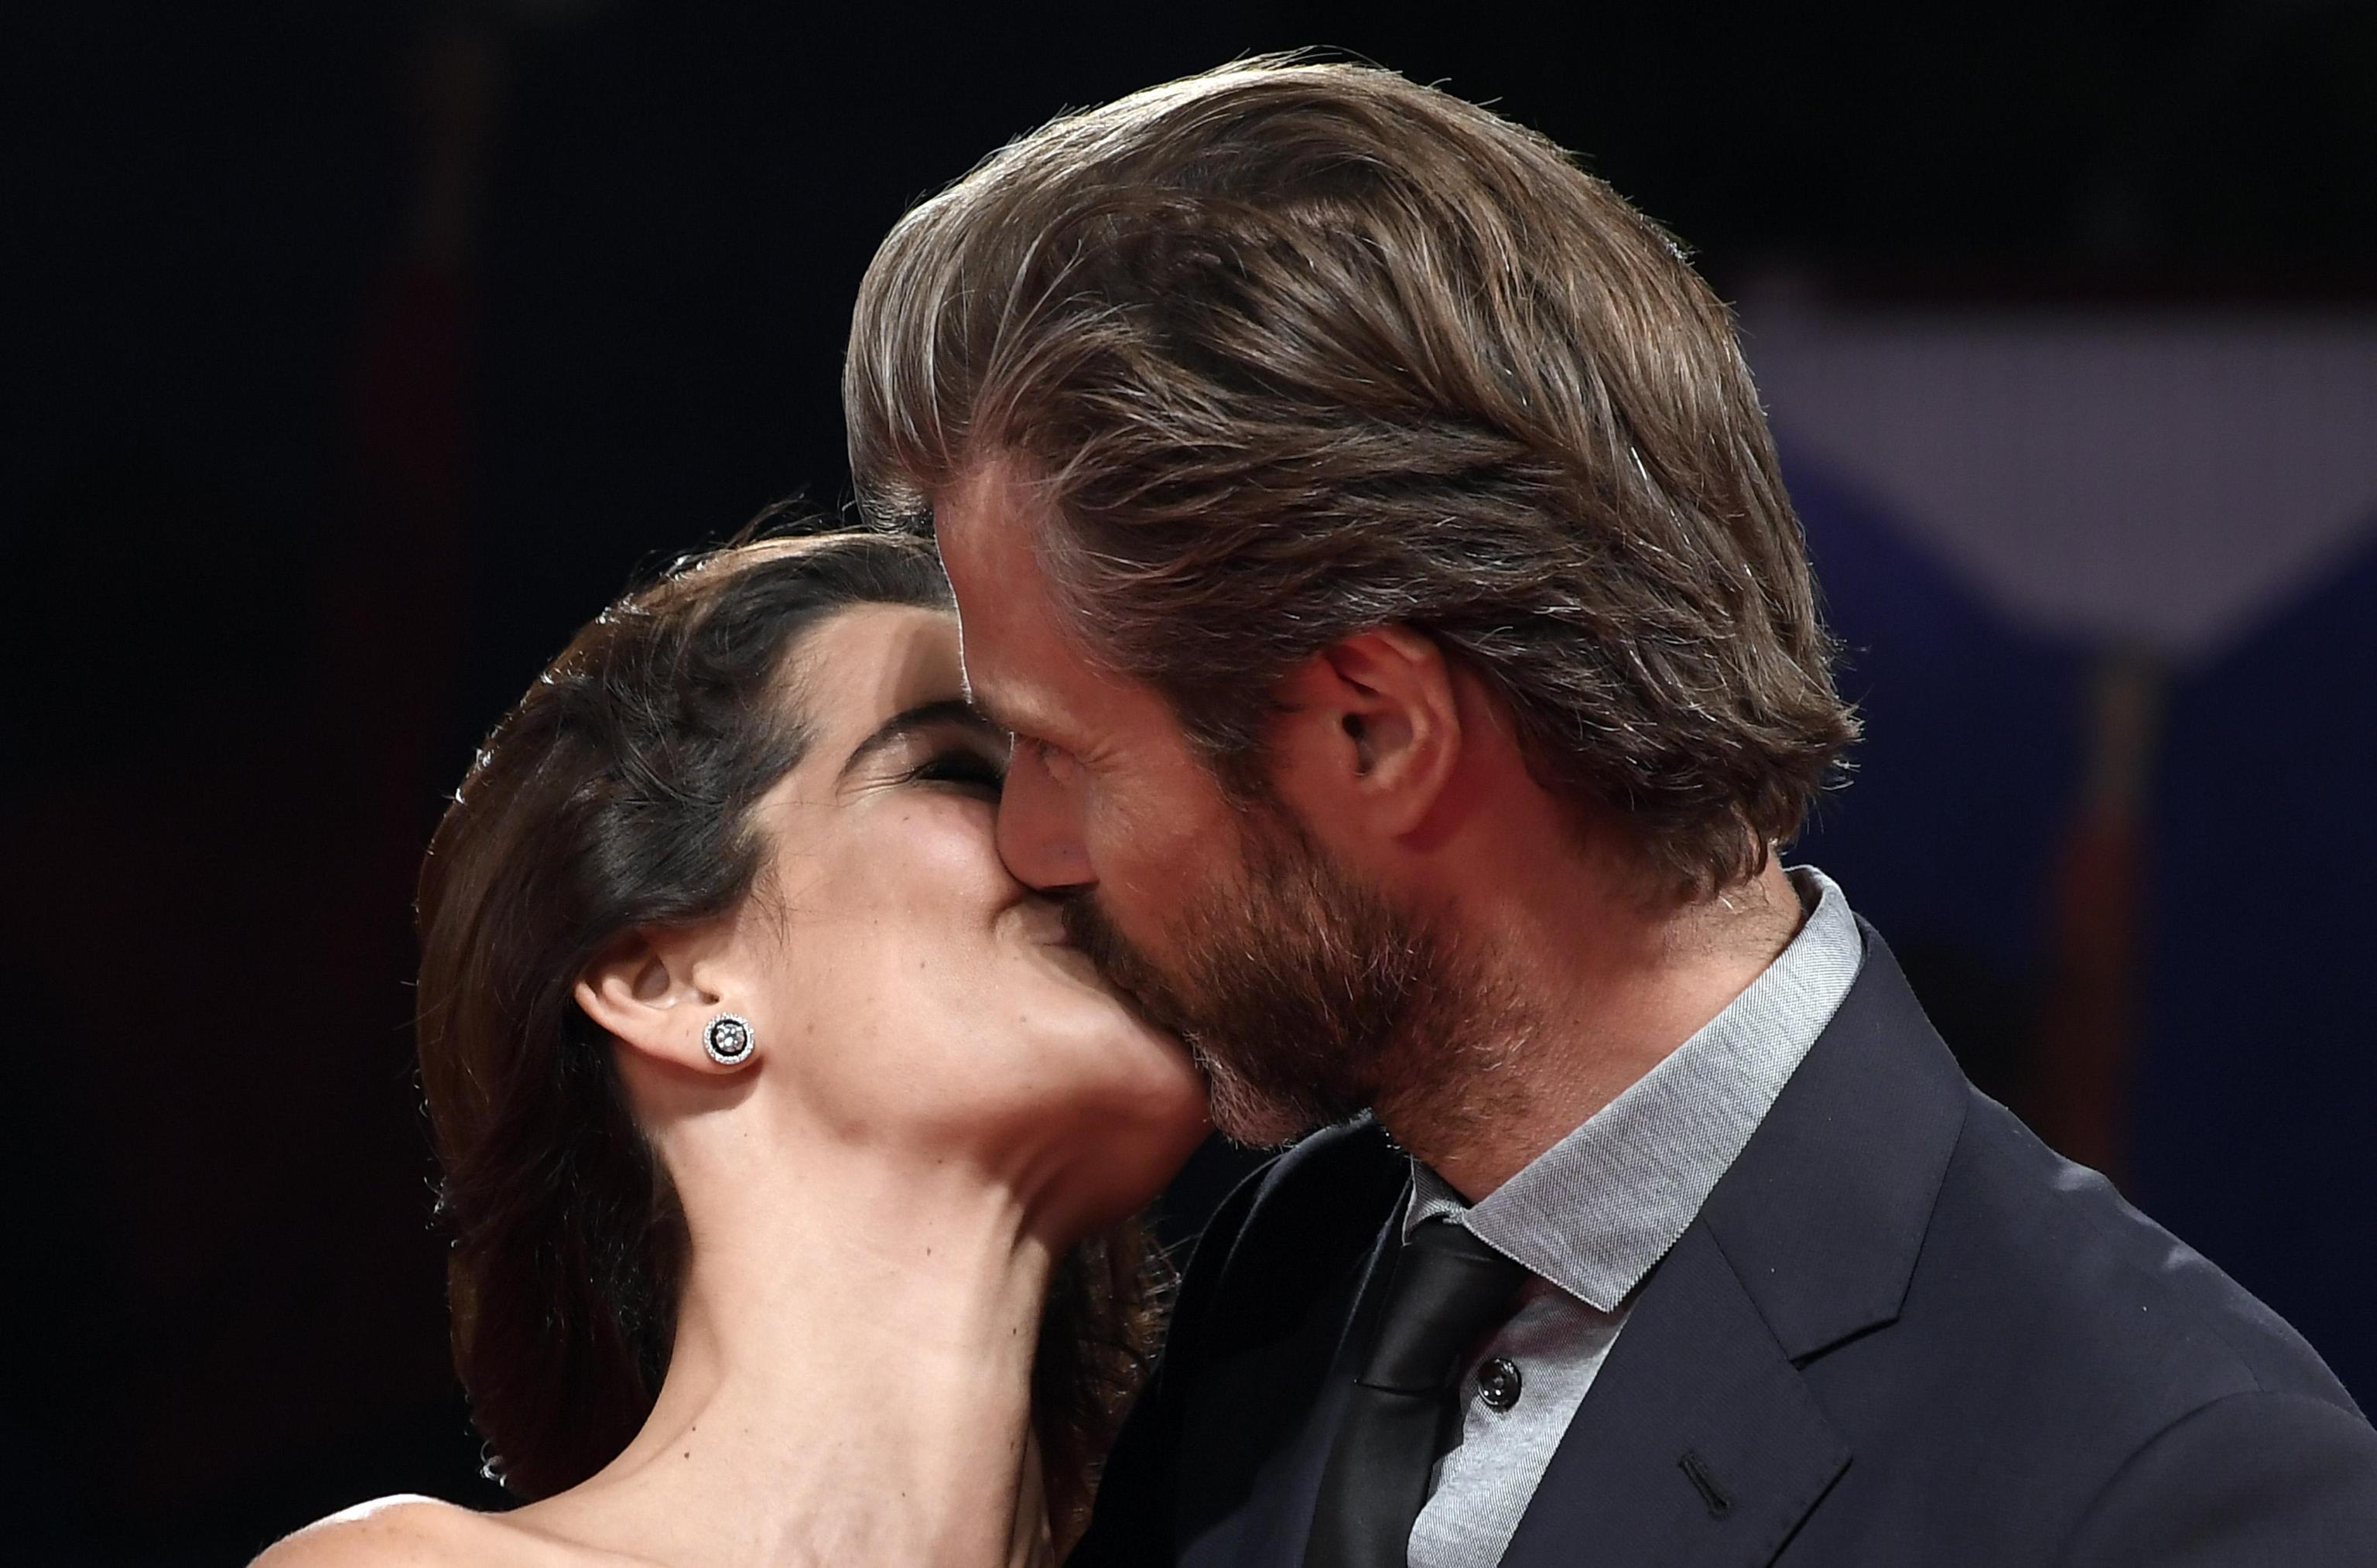 Kim Rossi Stuart e Ilaria Spada si sposano? Spuntano le pubblicazioni